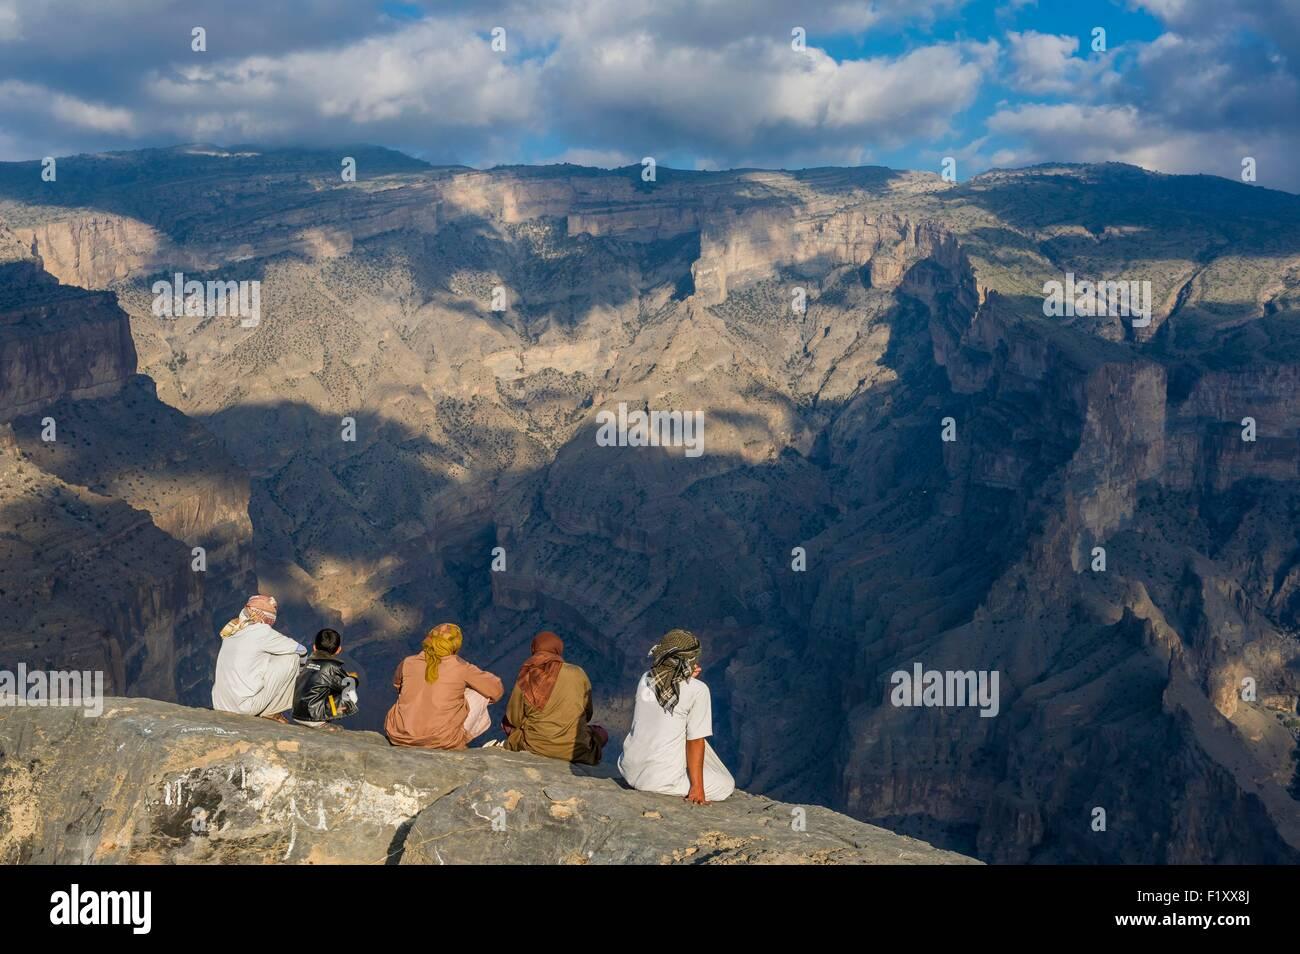 Oman, Djebel Shams, Oman Grand Canyon - Stock Image